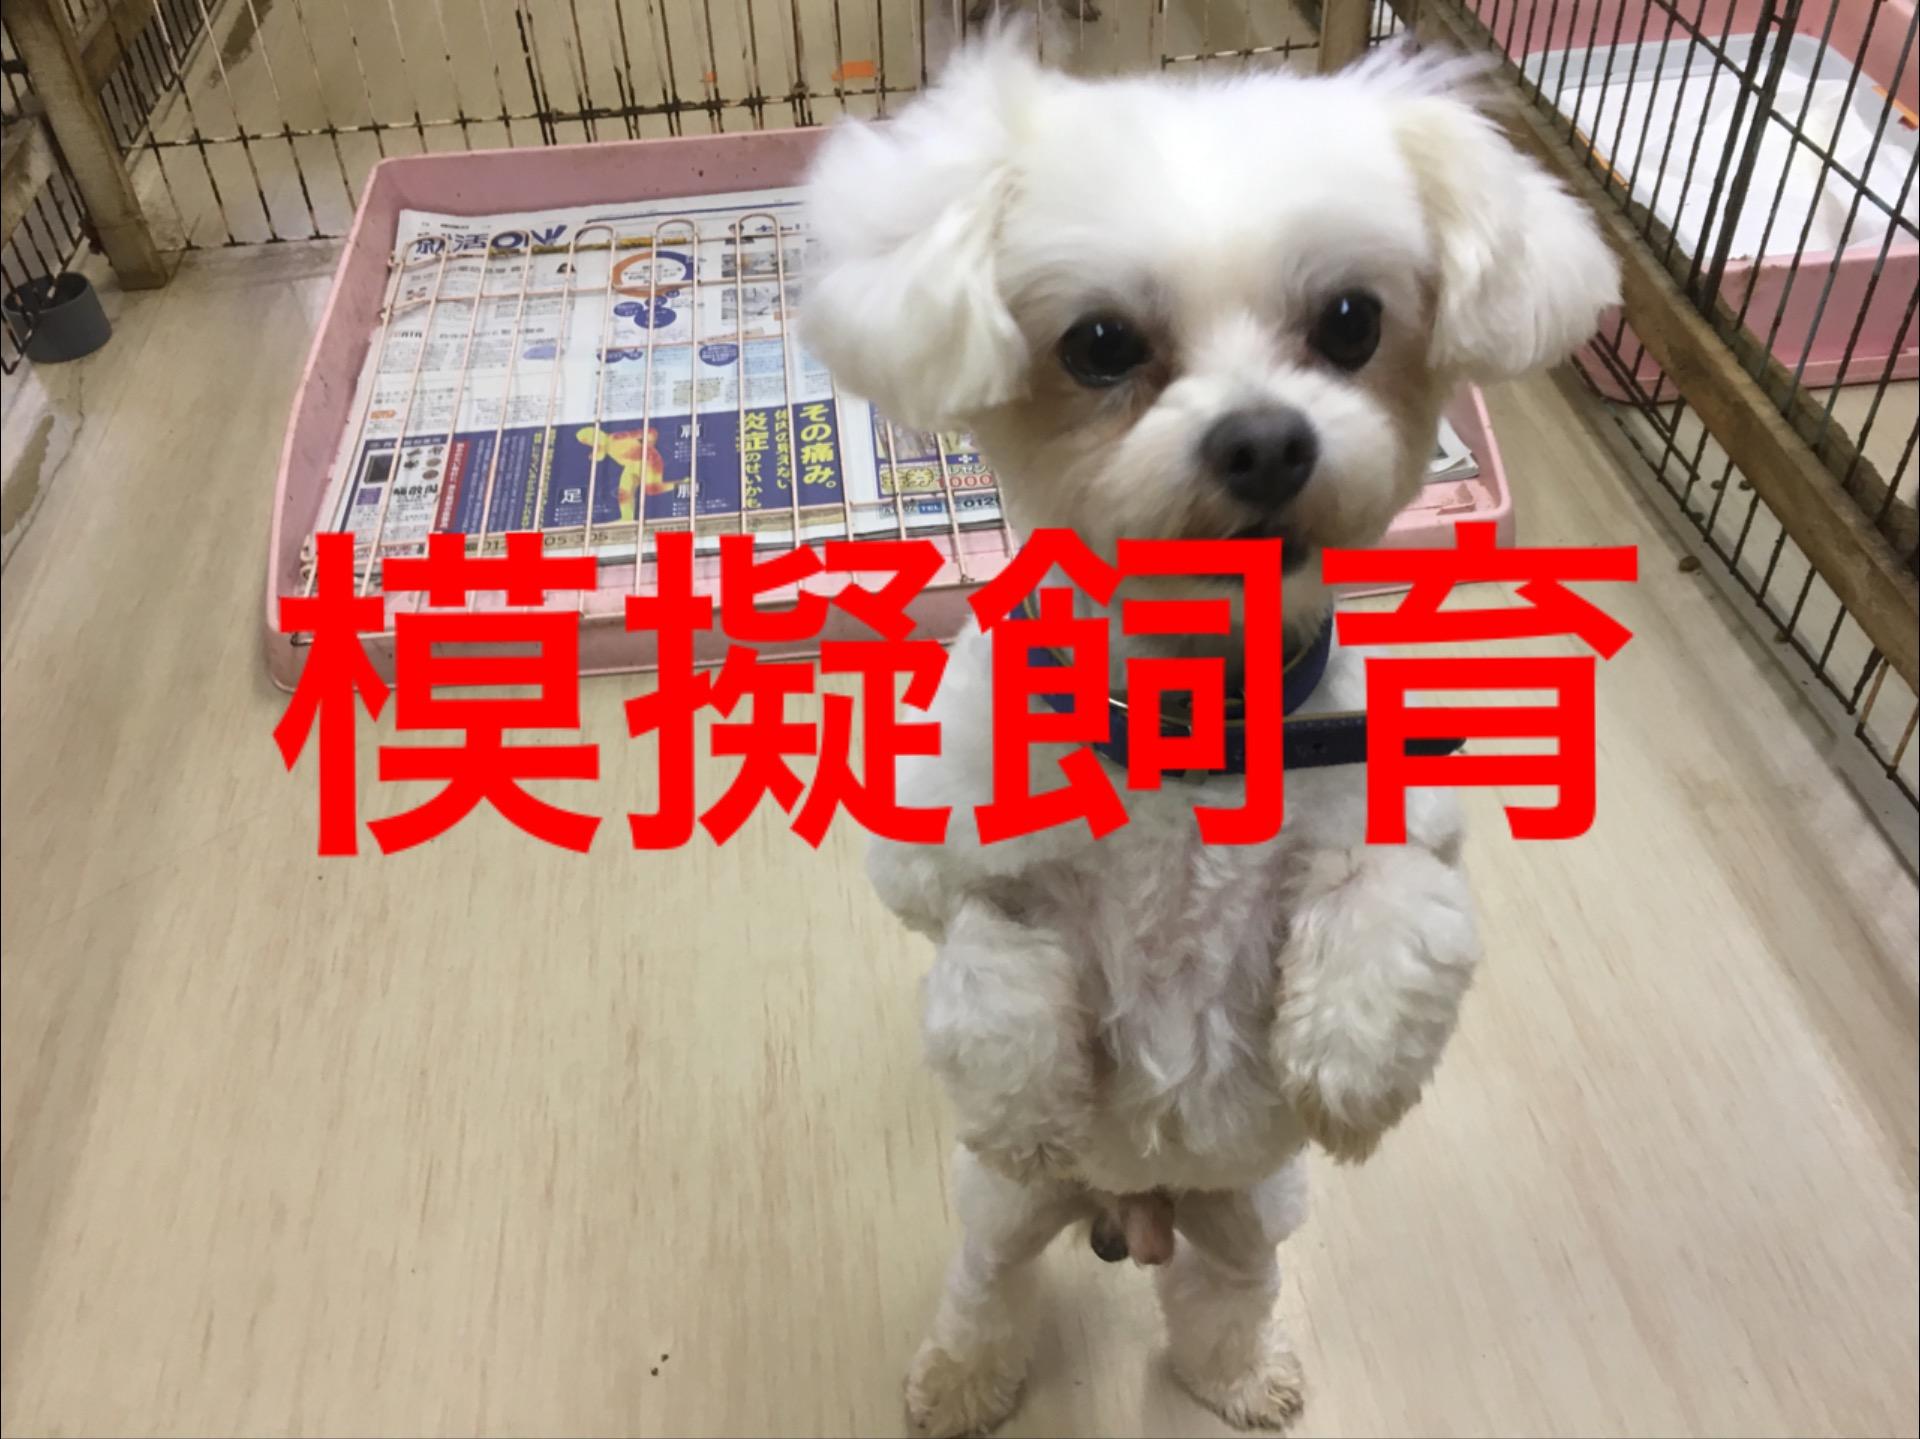 <ul> <li>H8-15</li> <li>犬種:チワワ×マルチーズ</li> <li>性別:男の子</li> <li>名前:小太郎</li> <li>年齢:5才</li> <li>保護経緯:飼い主様が高齢のため飼育困難になりました</li> </ul>